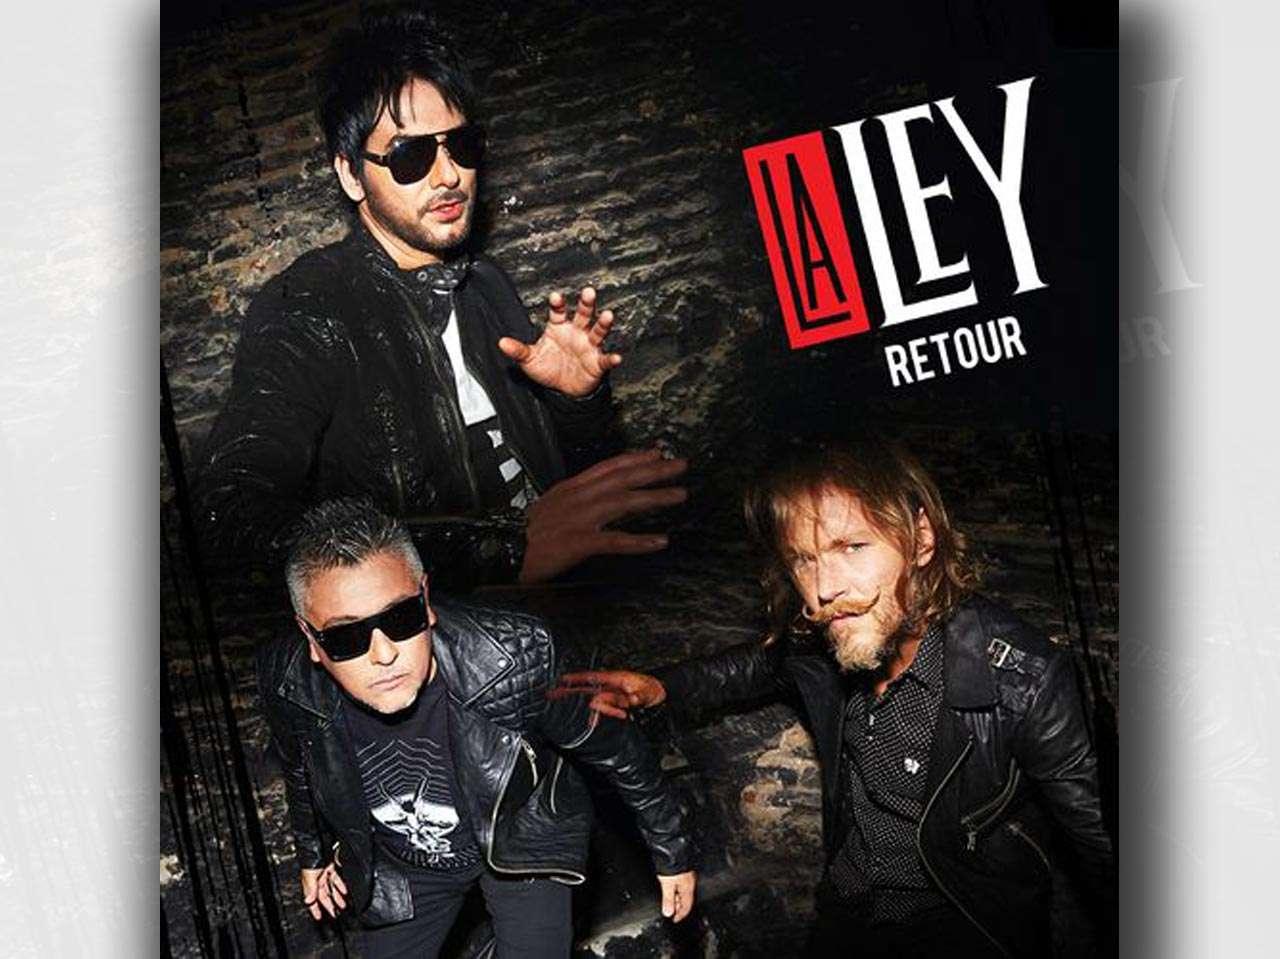 Discografía La Ley. 'Retour' (2014) Foto: Warner Music